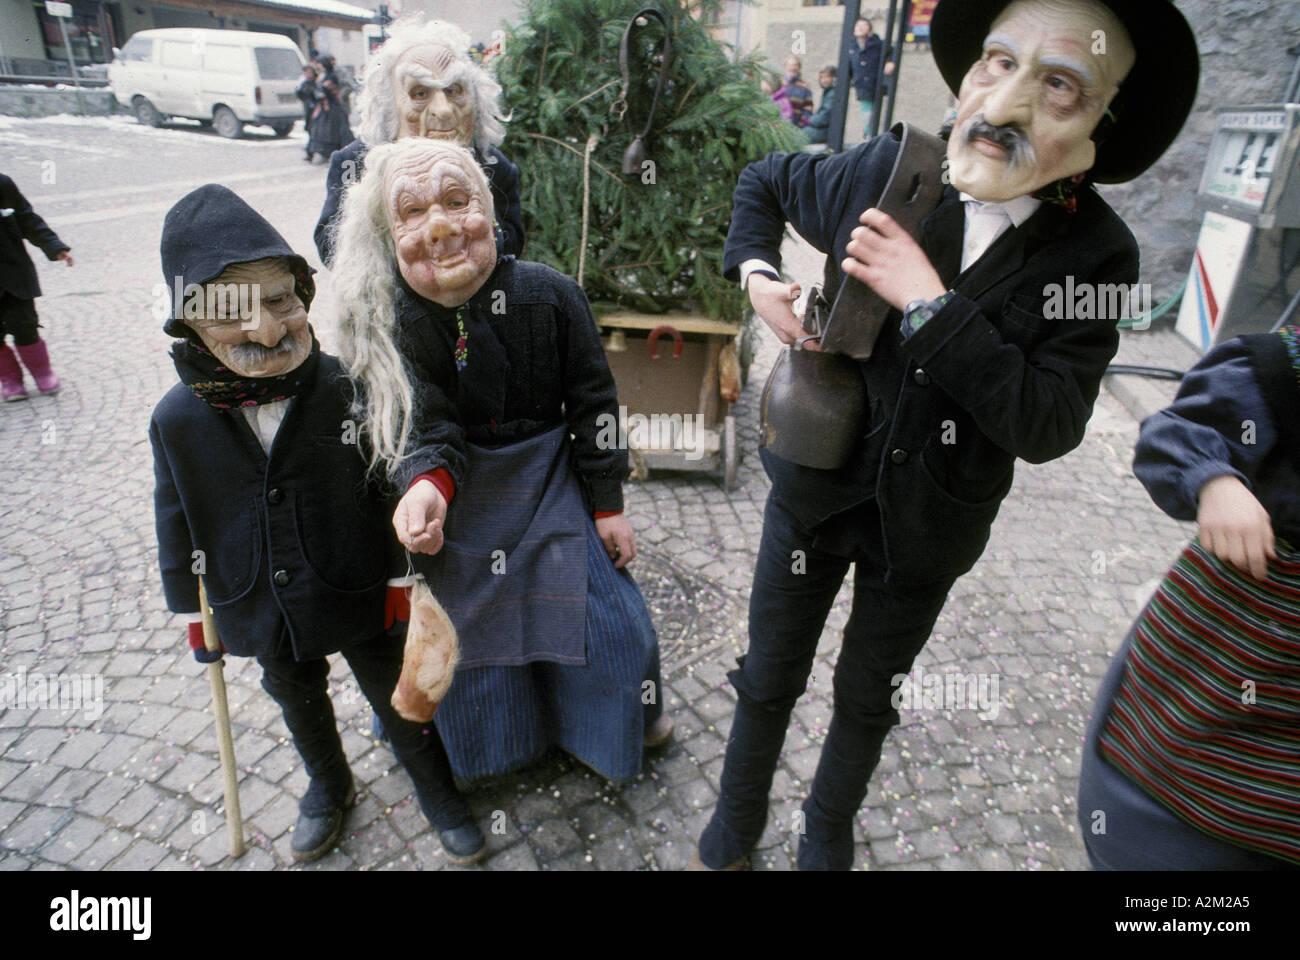 Masks - Stock Image